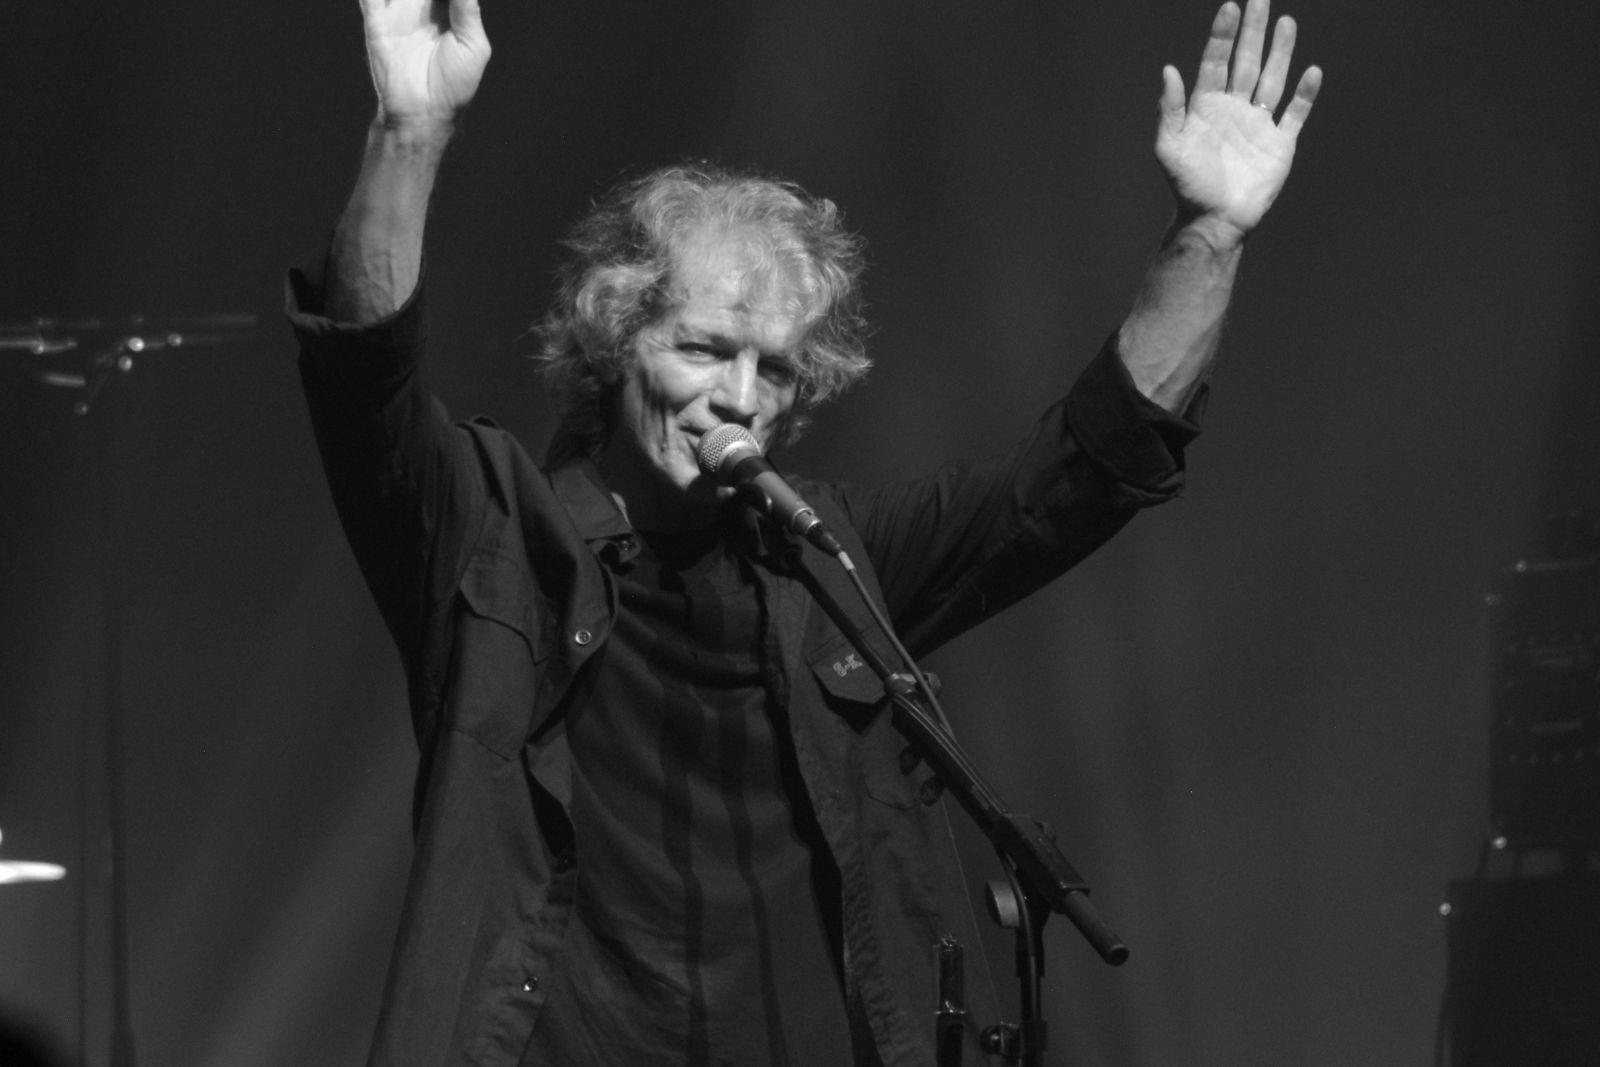 Paul Personne - Casino Barrière, Lille (59) - 26 septembre 2021